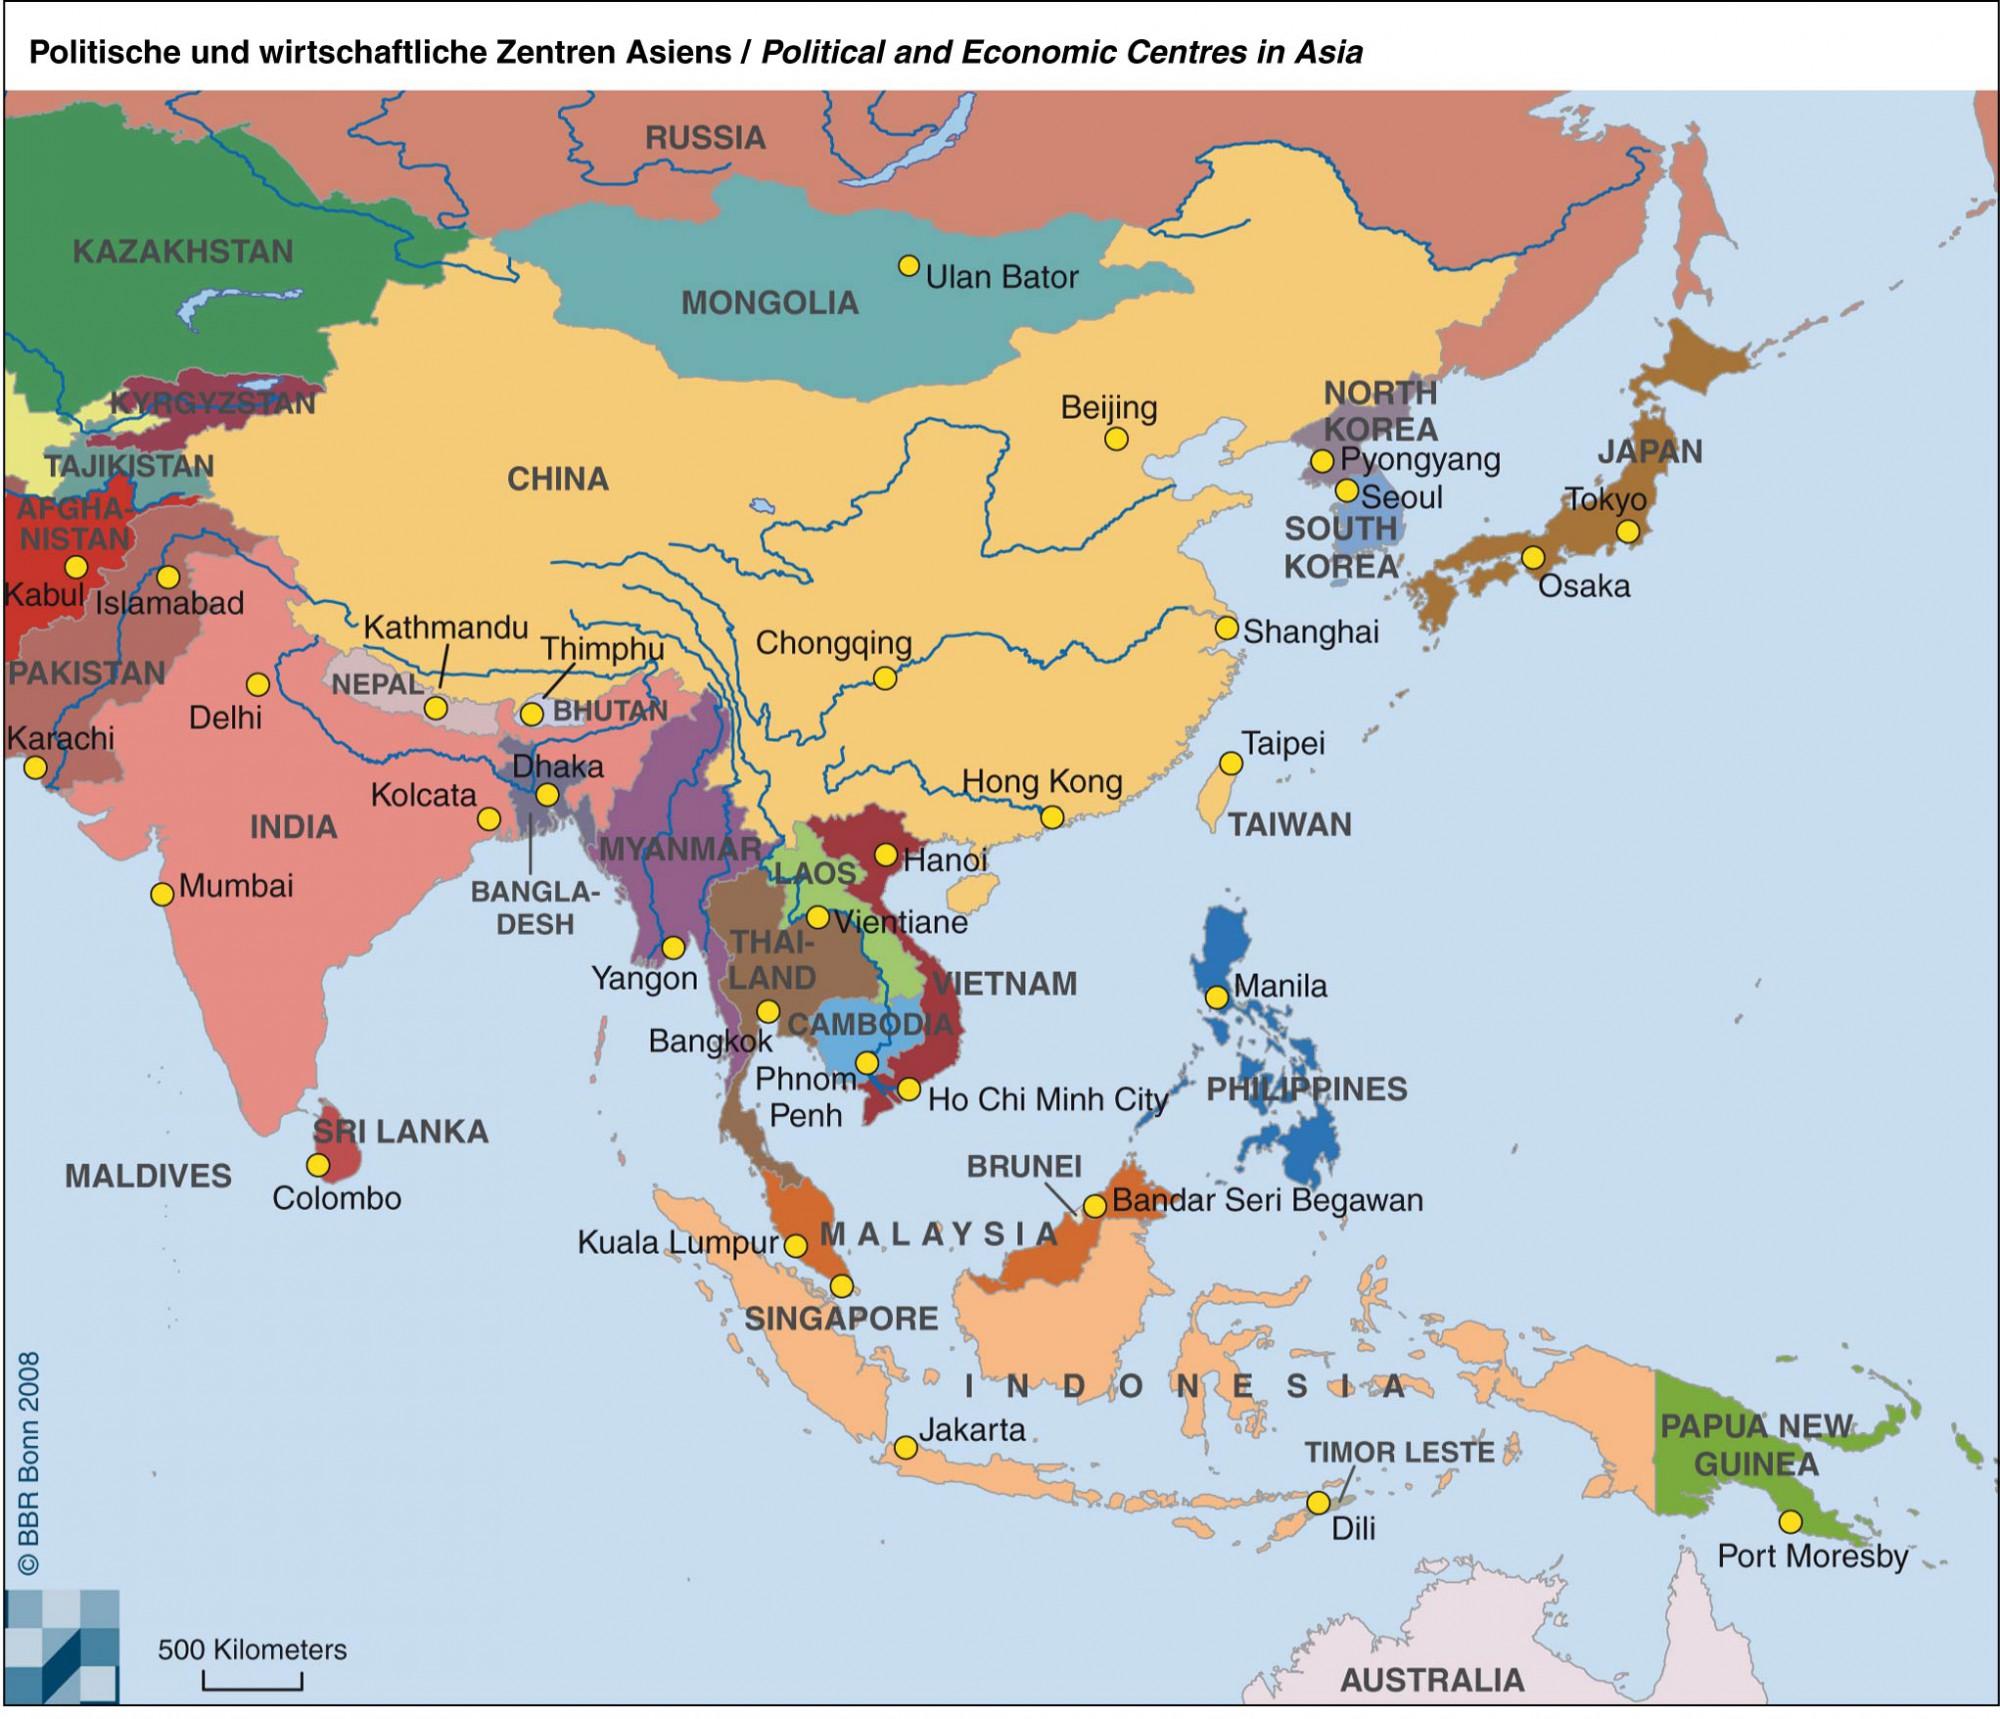 Erschließung neuer Absatzmärkte in Asien